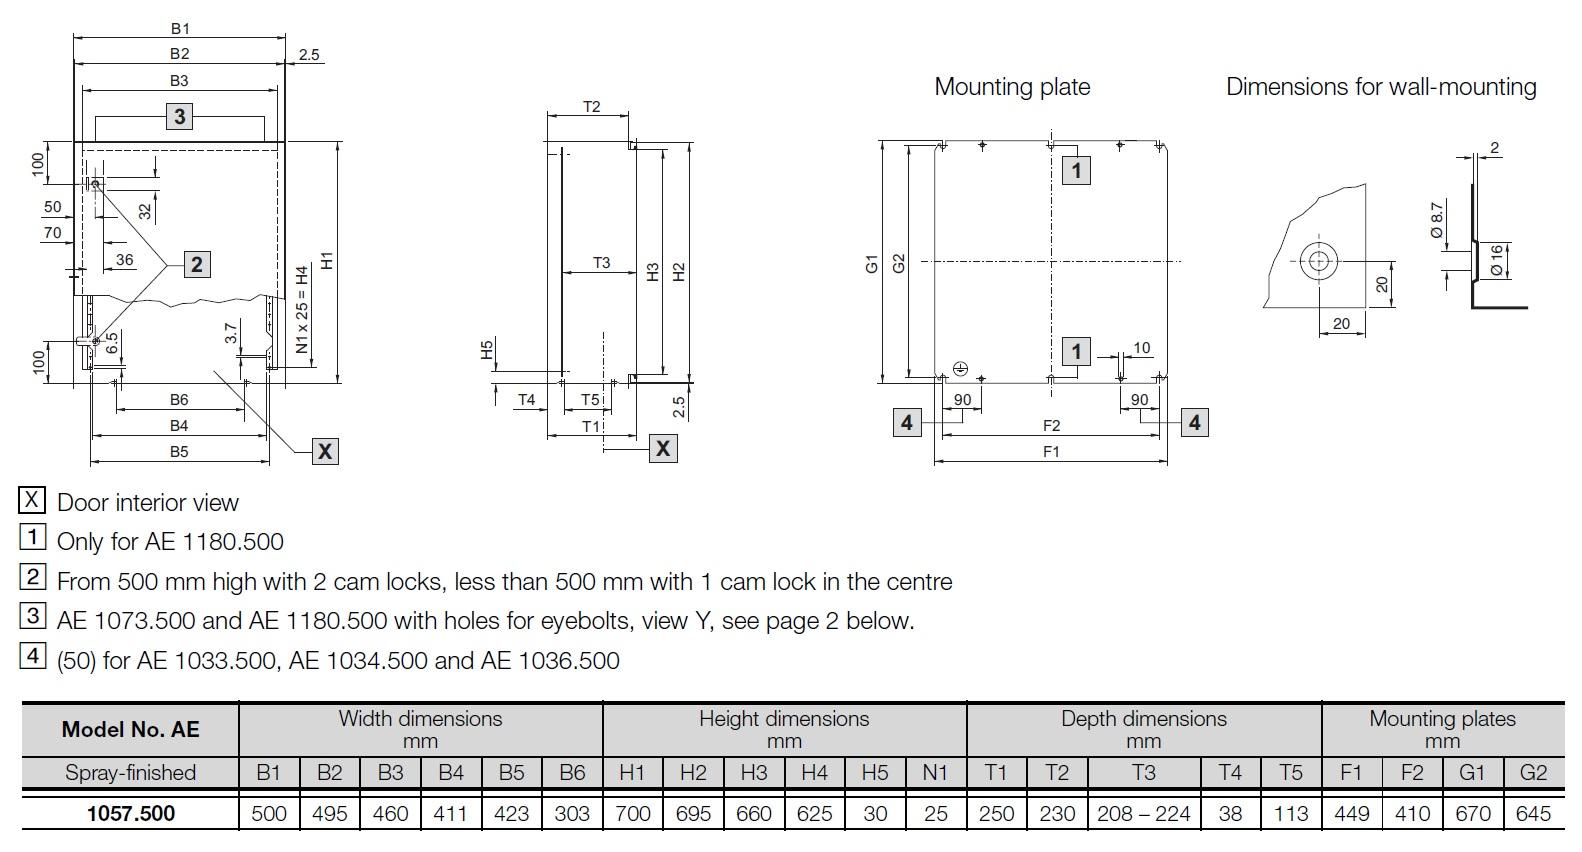 47142 rittal housing ae1057500 700x500x250mm dimensions